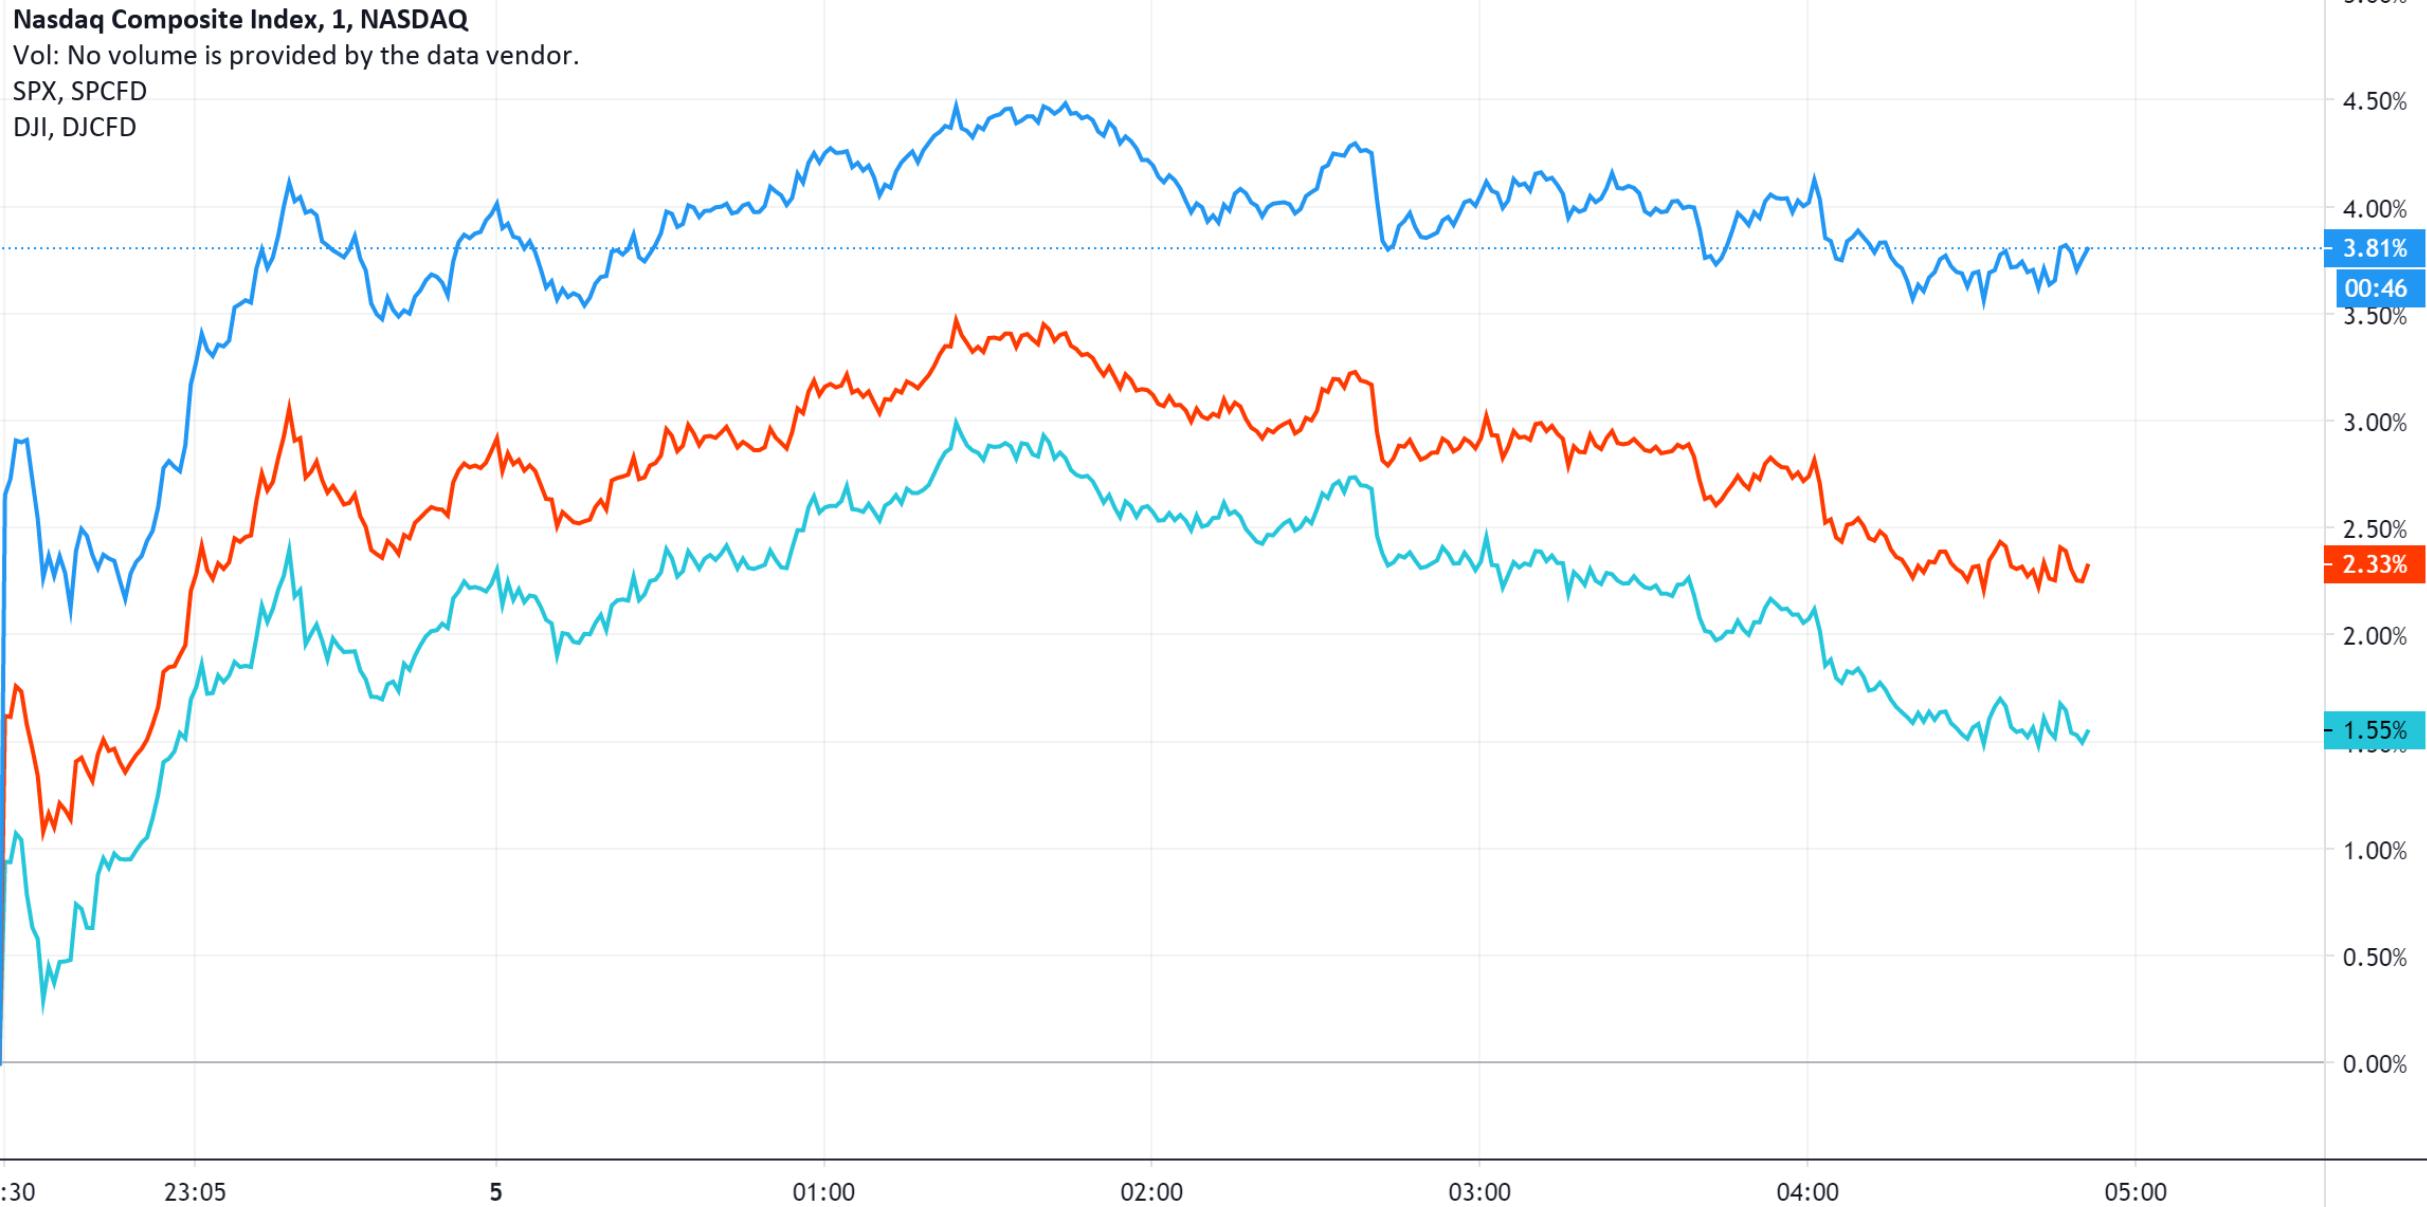 美股连续第三天大幅上涨 创大选次日最大涨幅纪录